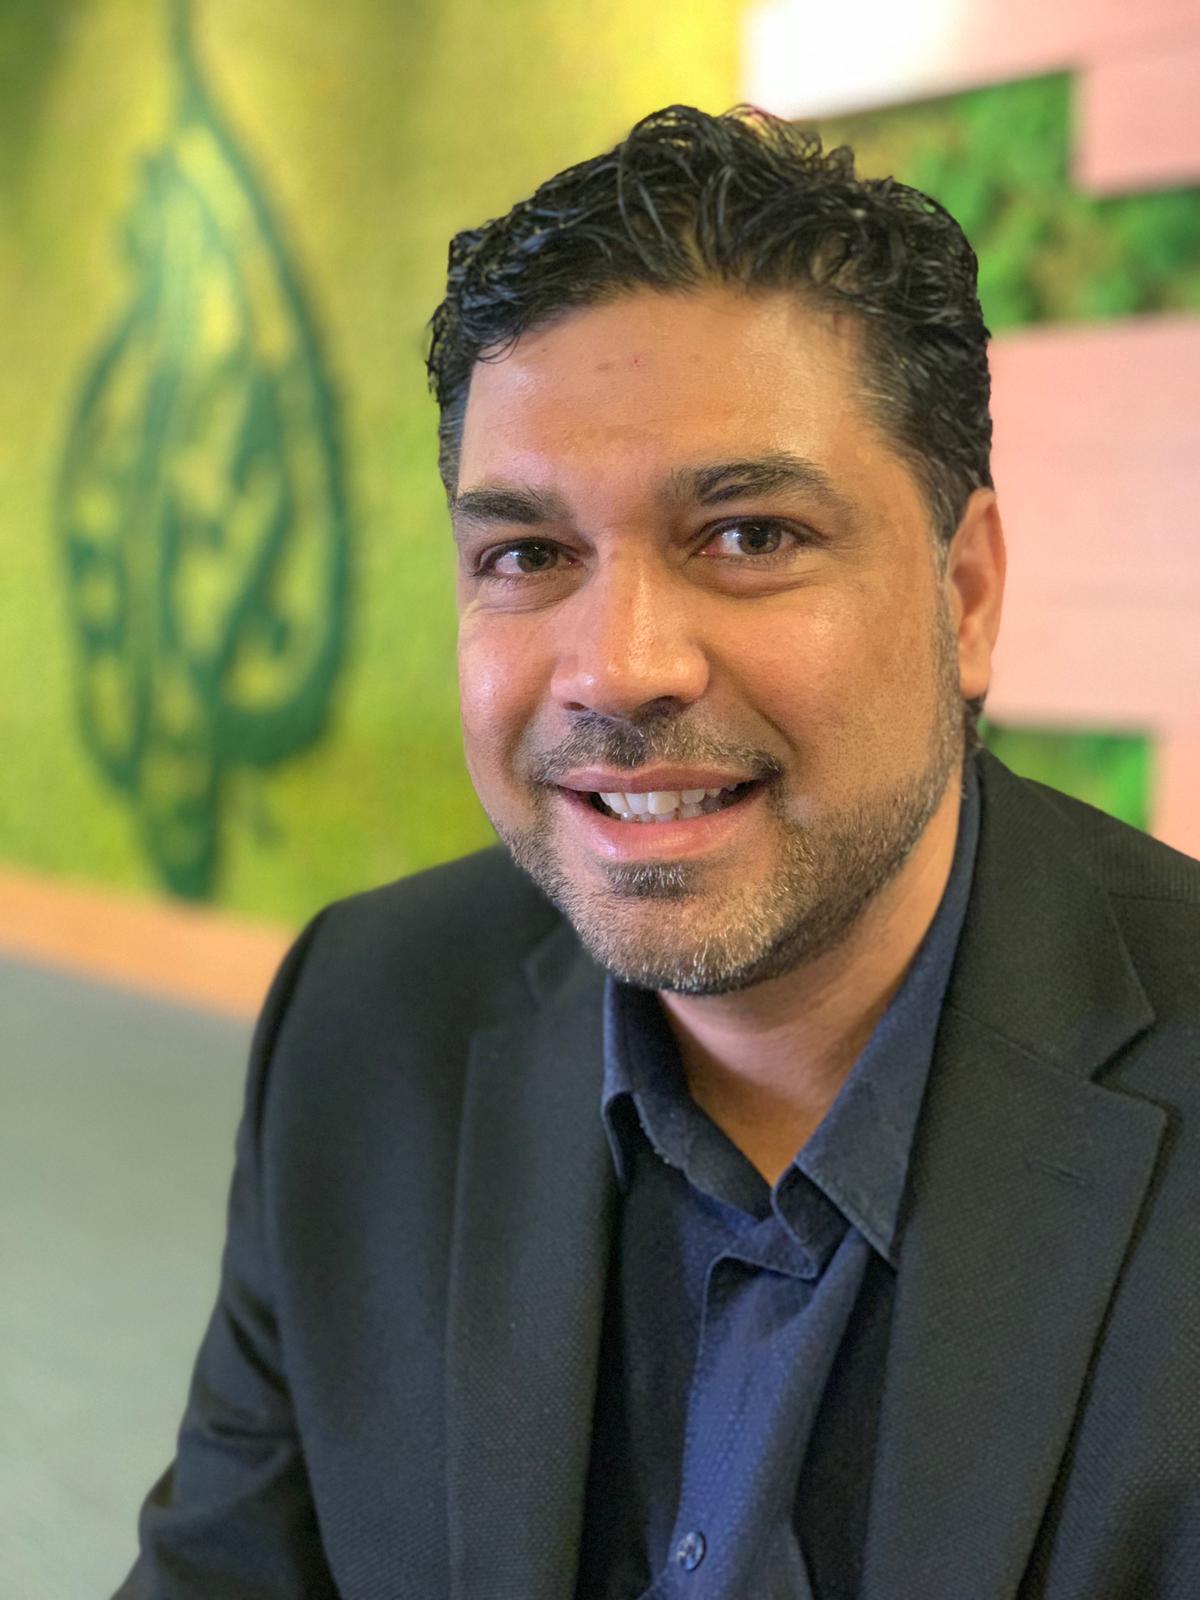 Bilaal Hoosein - Aljazeera